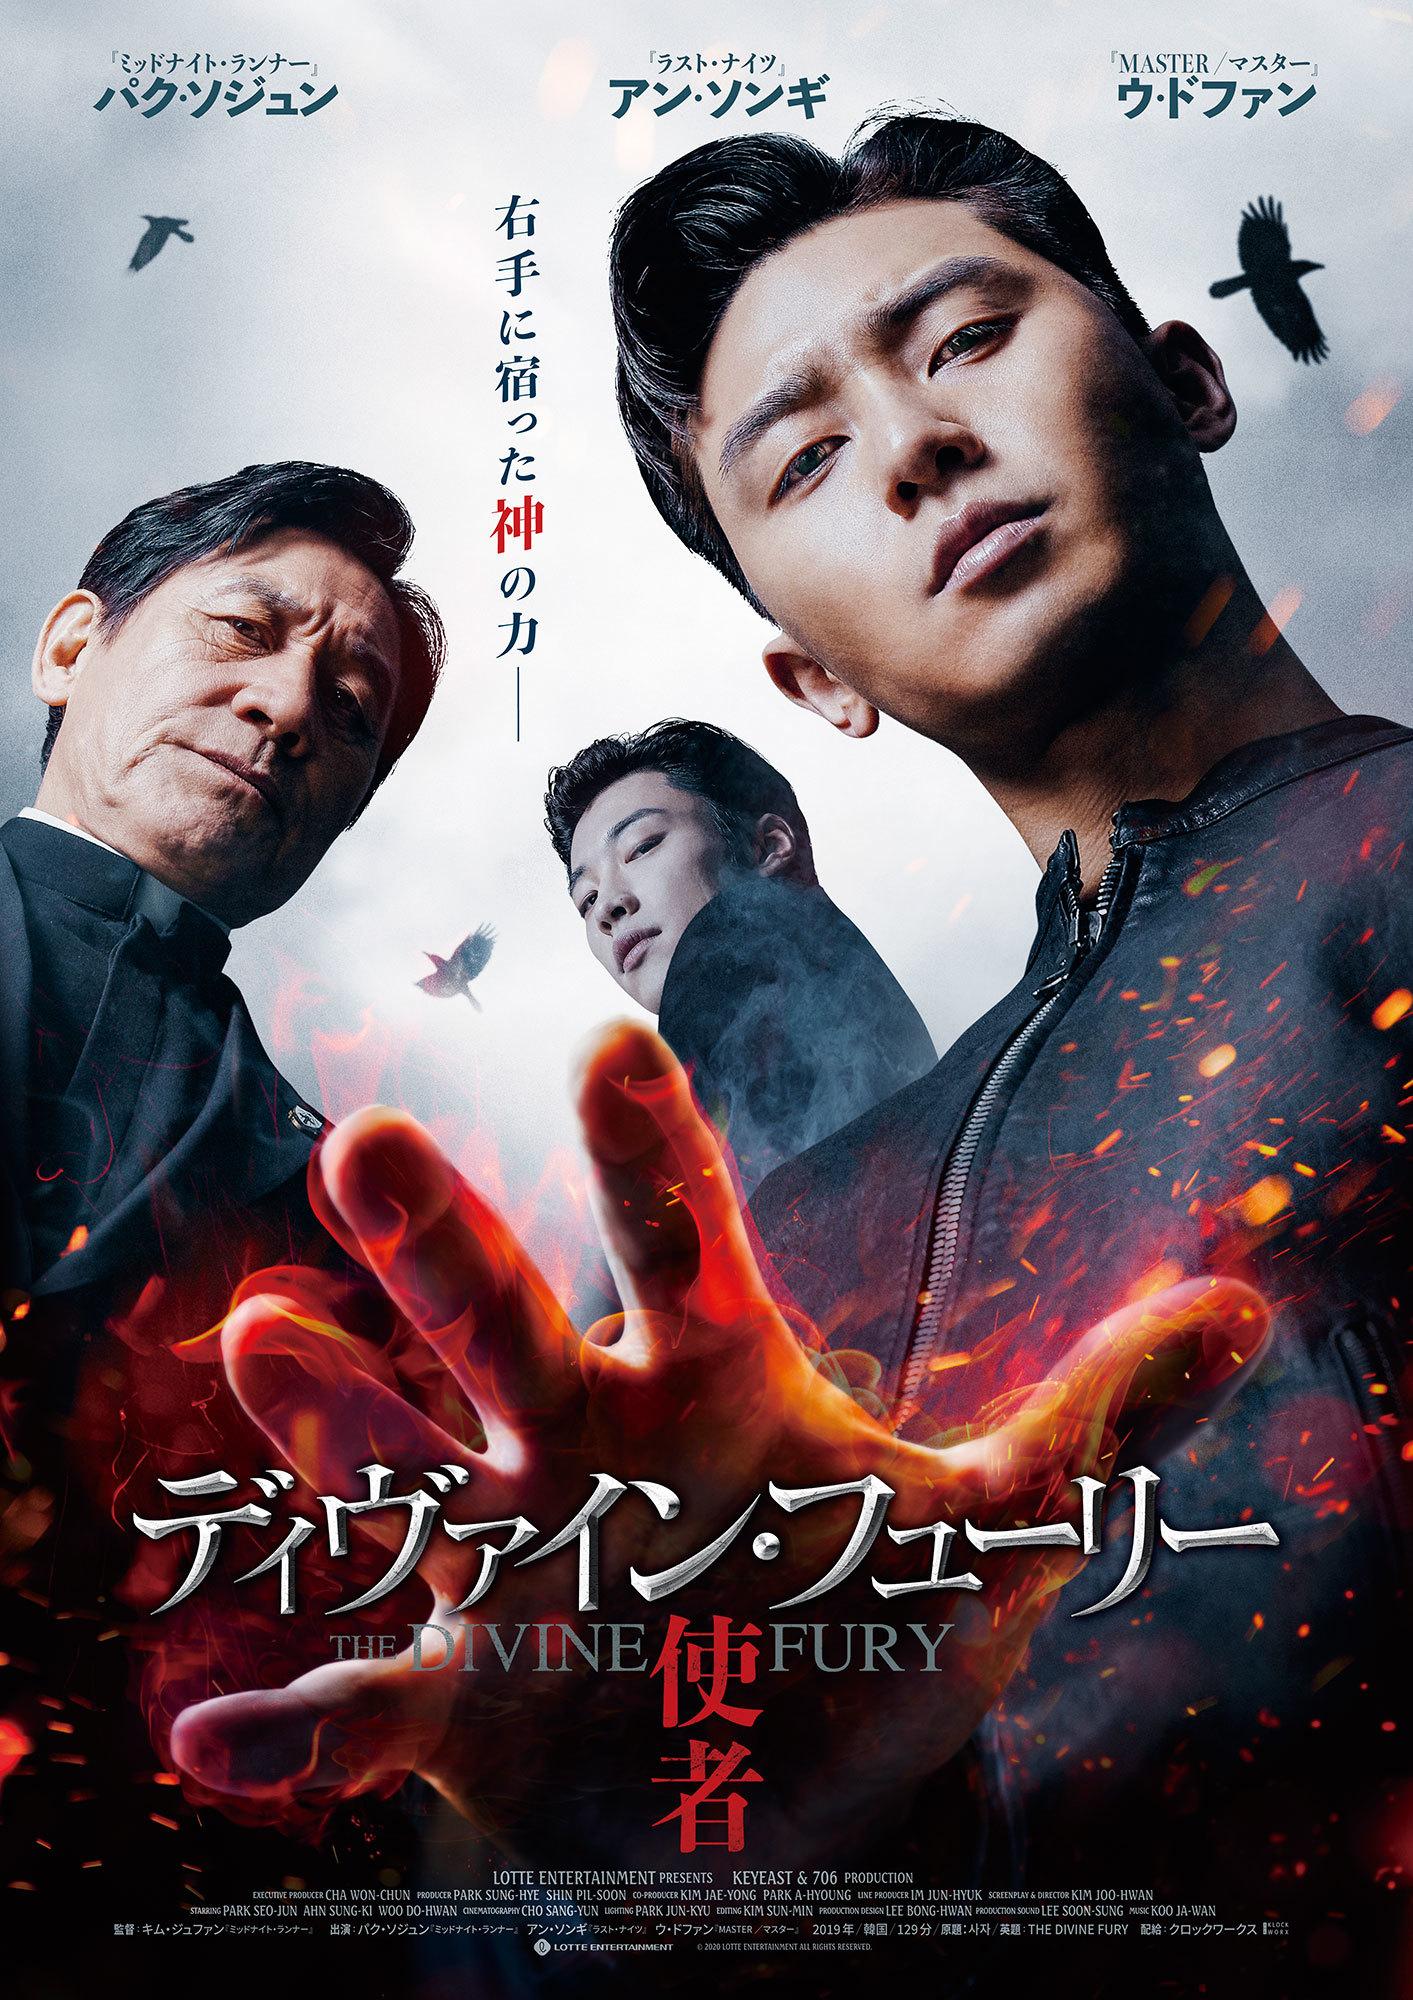 「サイコだけど大丈夫」、『最も普通の恋愛』も! この夏観るべき韓流ドラマ&映画はこれ_1_8